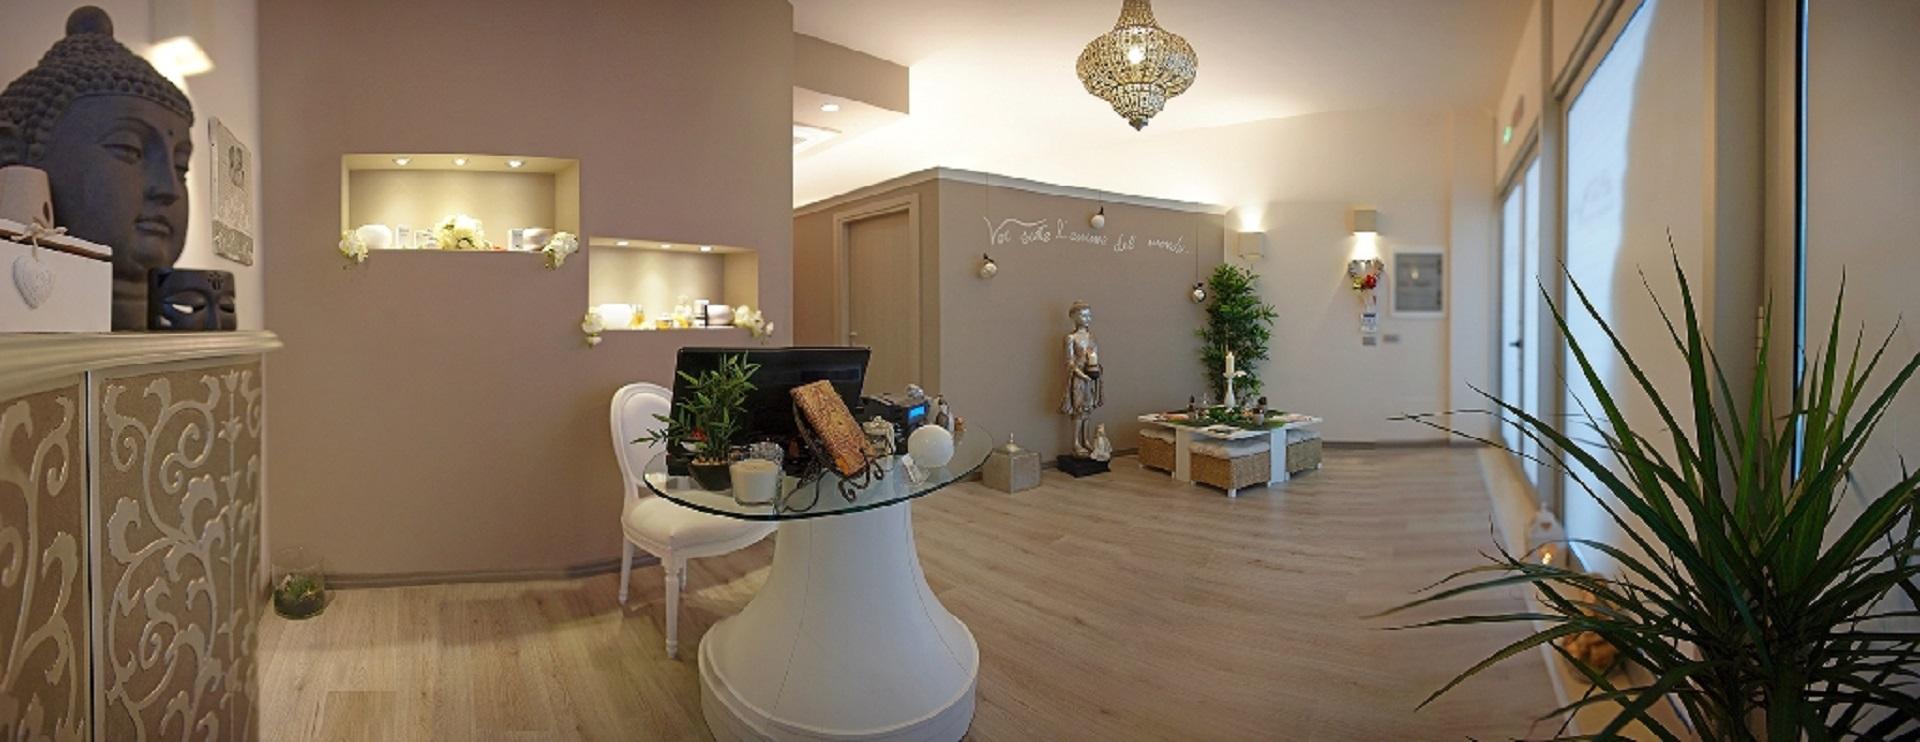 arredamento per centri estetici a Lecce  Arredamento centri benessere  Capp